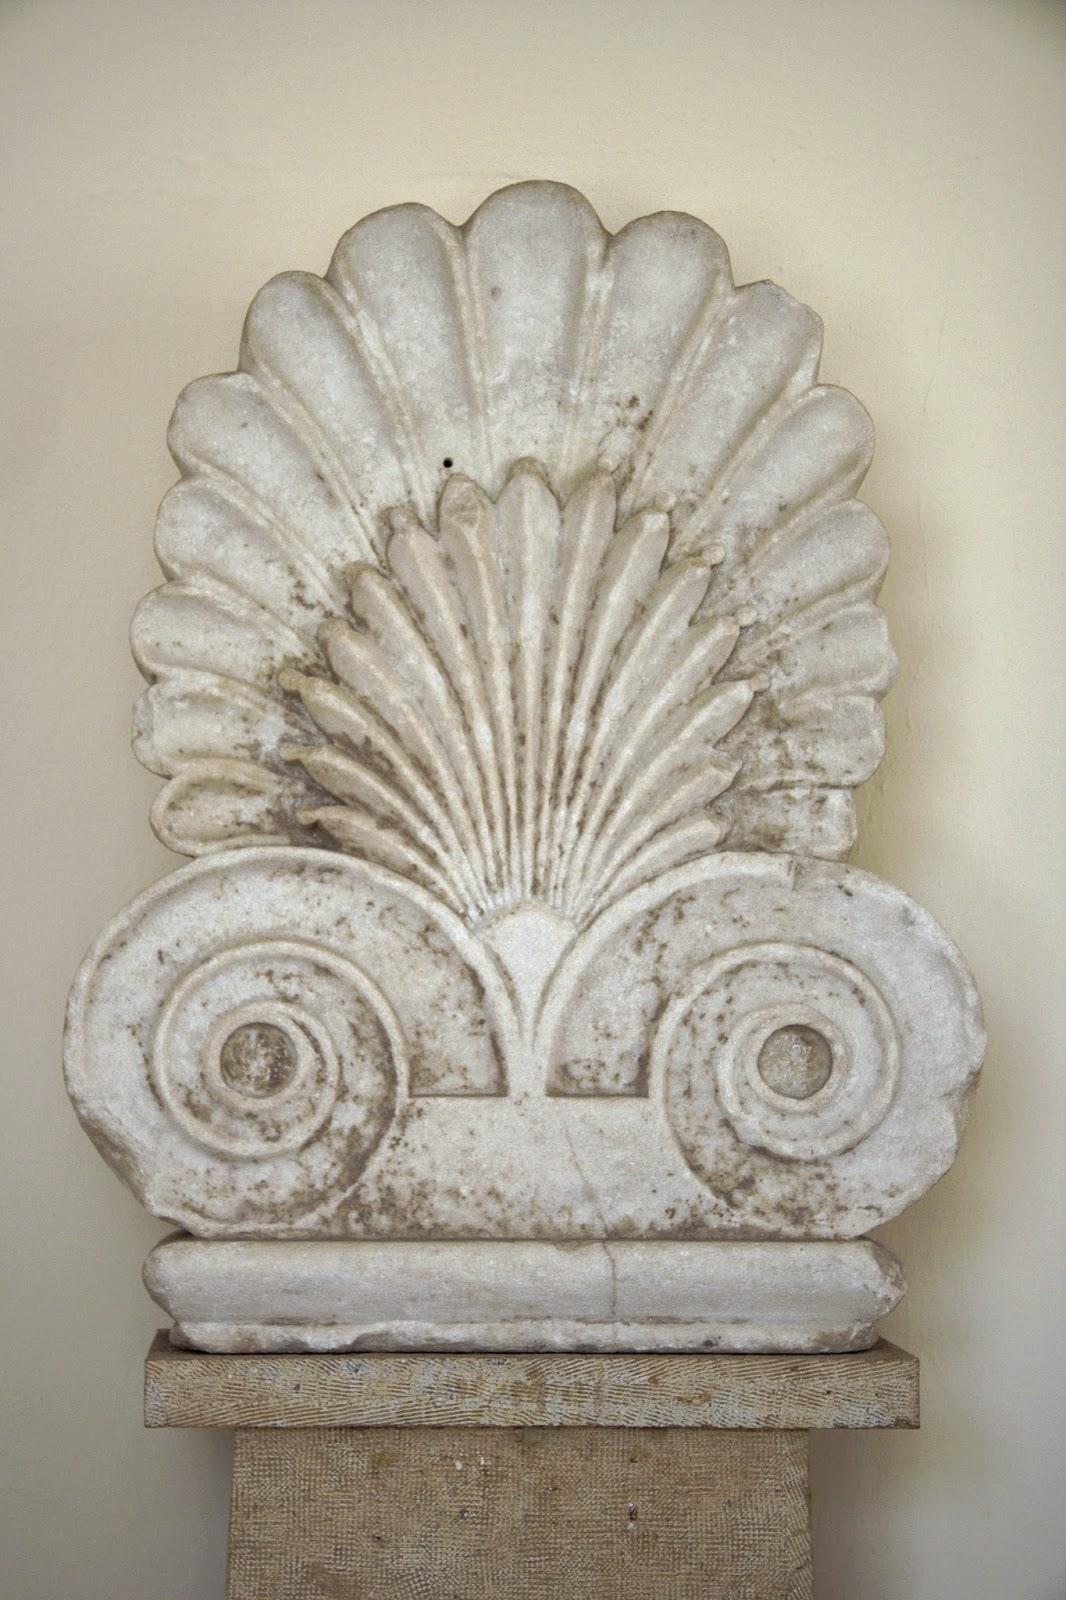 Palmeta, mramor, asi vrchol reliéfní stély, z antického městského hřbitova, kolem -480; Arch. museum, Paroikia, Paros, A 119.